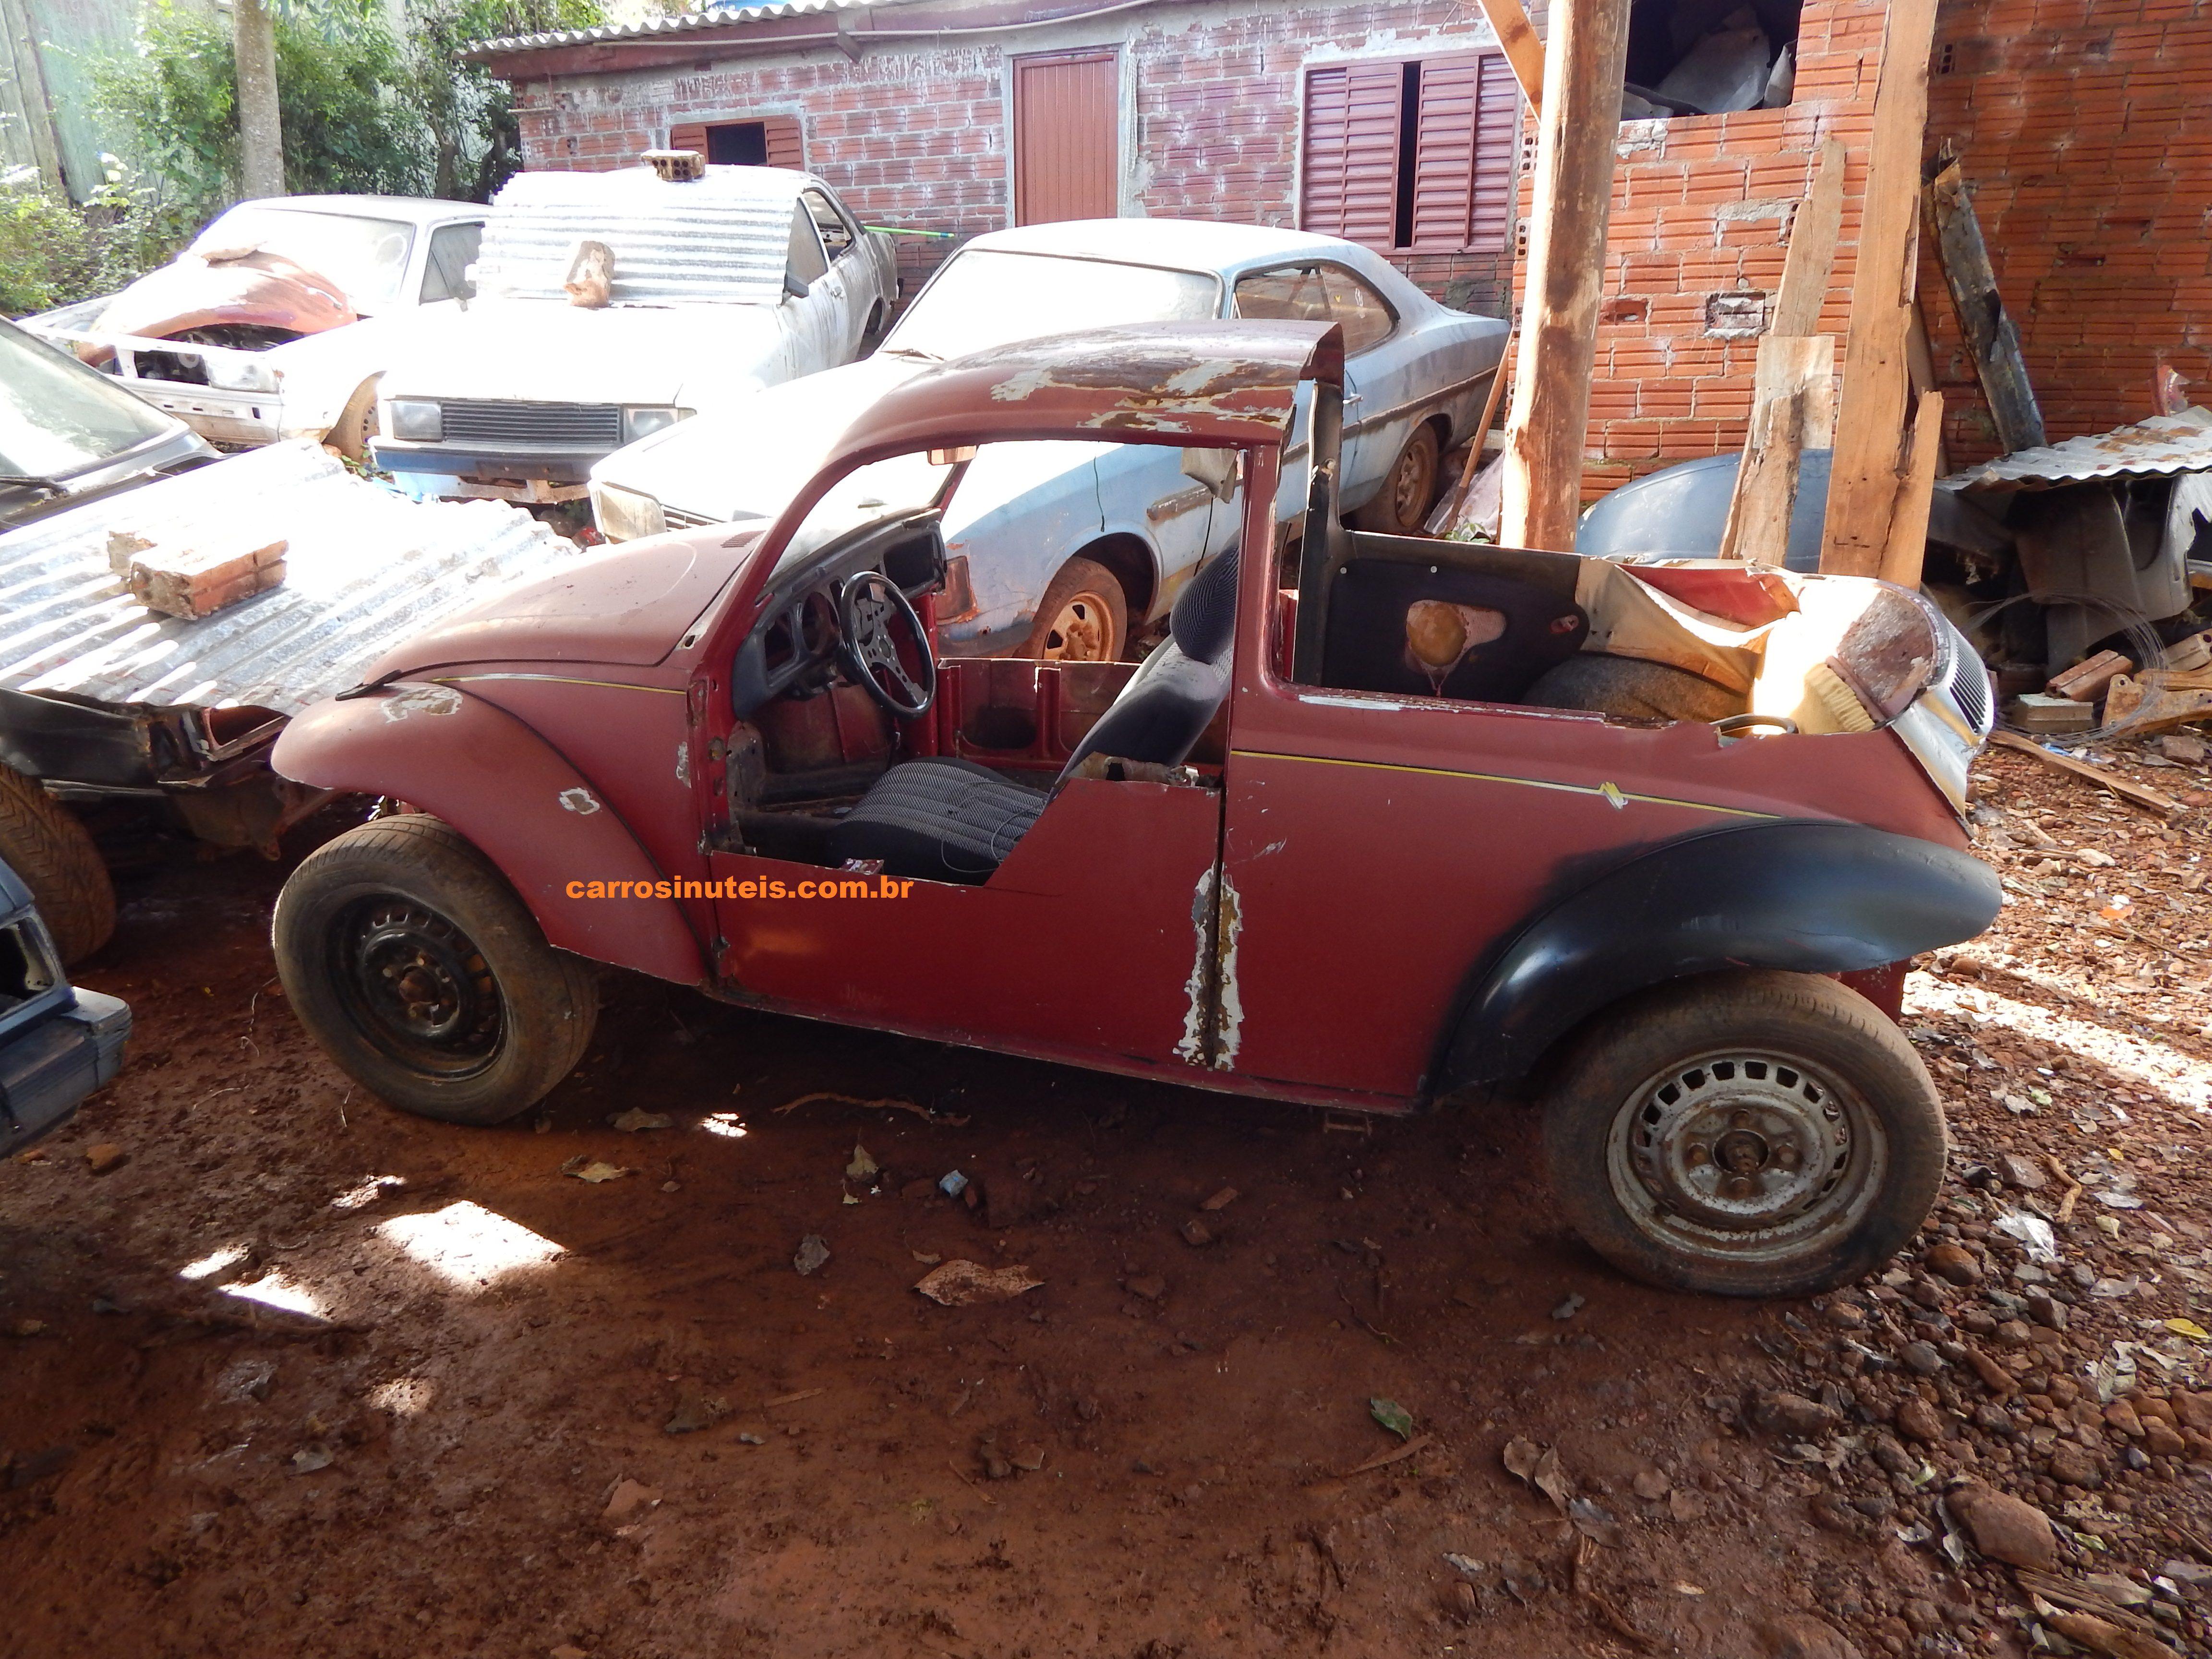 Julio-São-Miguel-do-Oeste-fusqueta VW Fusca (!) - Julio - São Miguel do Oeste - Santa Catarina